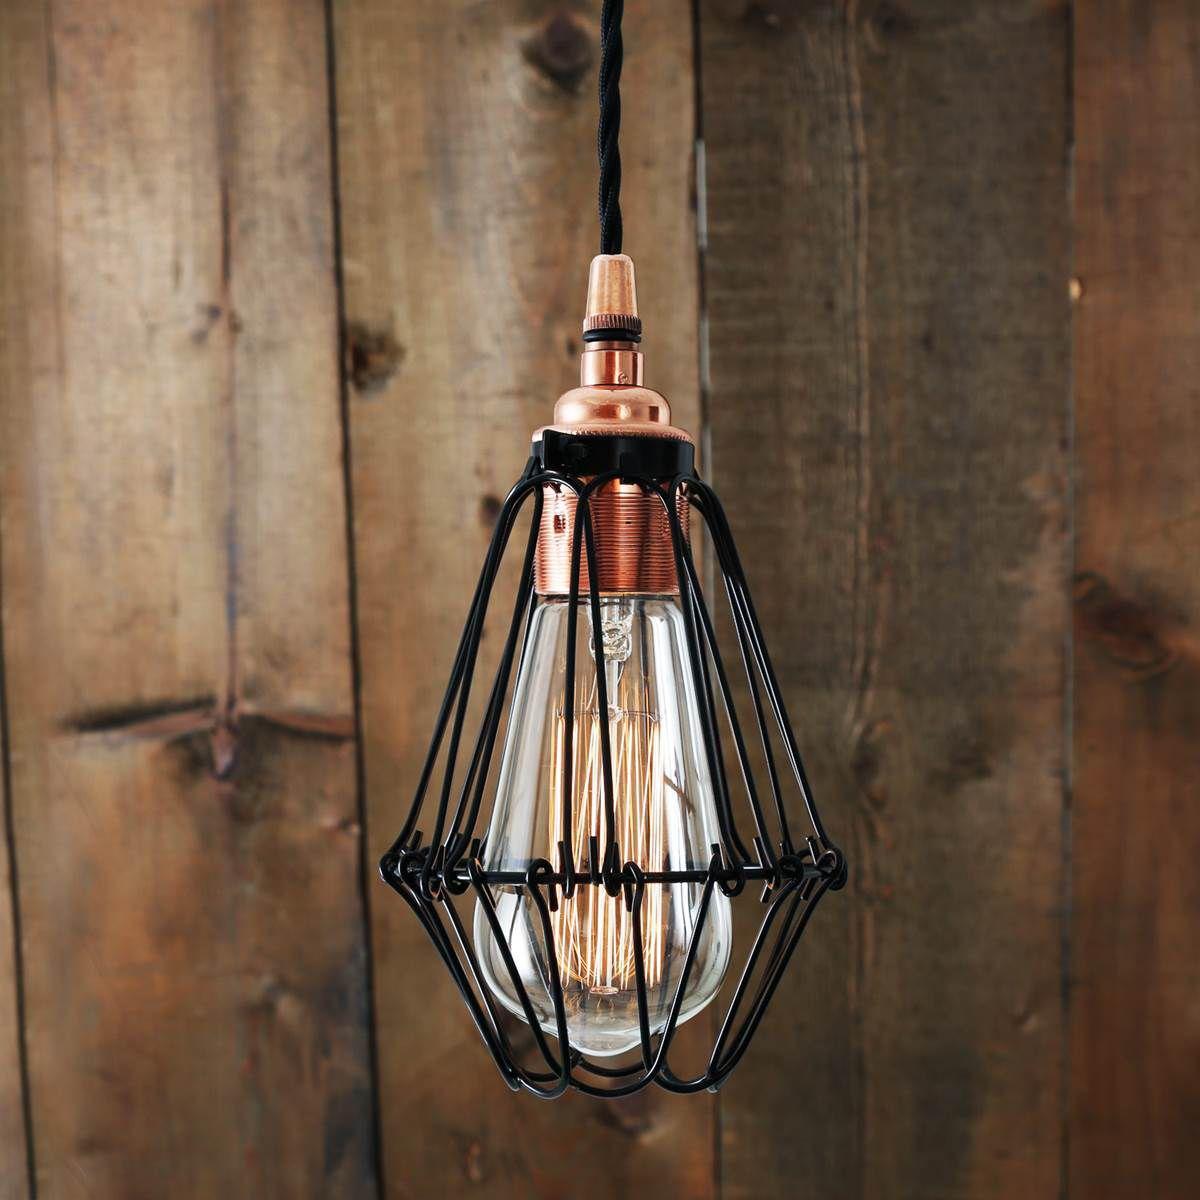 Hängelampe / klassisch / Stahl / Kupfer - JUBA: MLP385 - Mullan Lighting